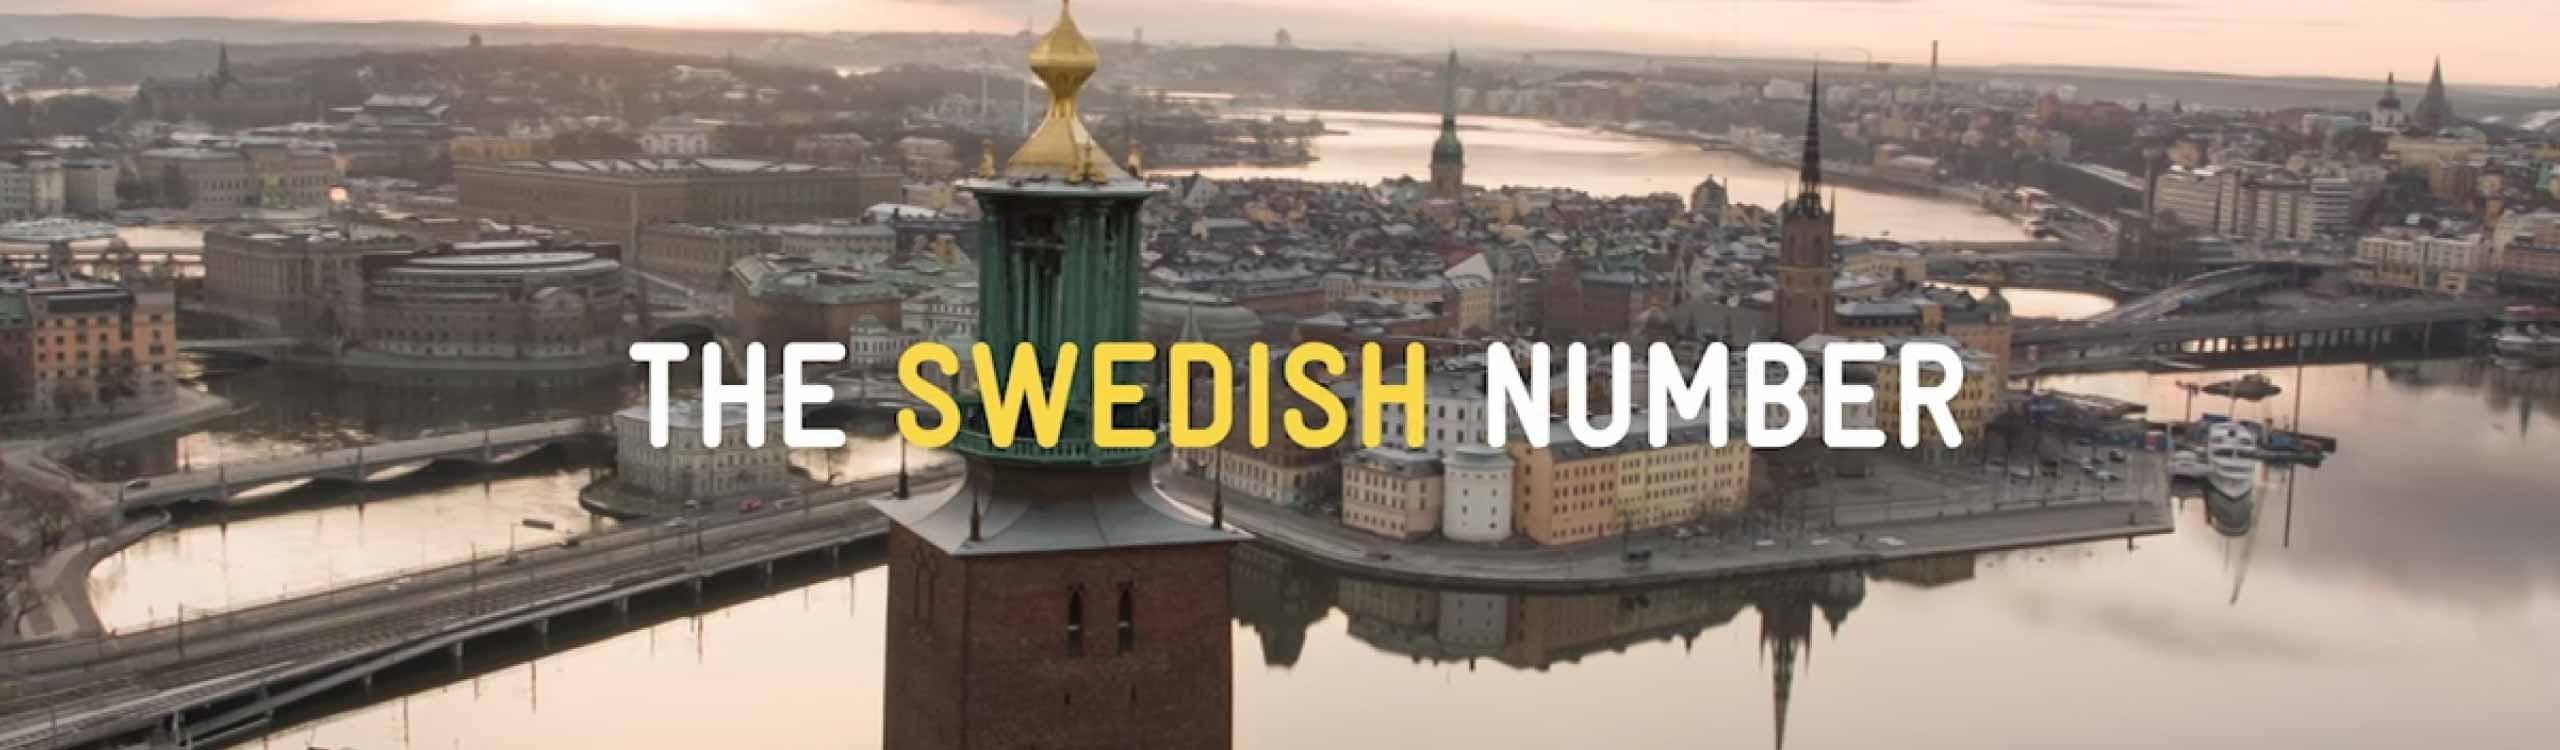 suecia-the-swedish-number-mis-gafas-de-pasta-destacado